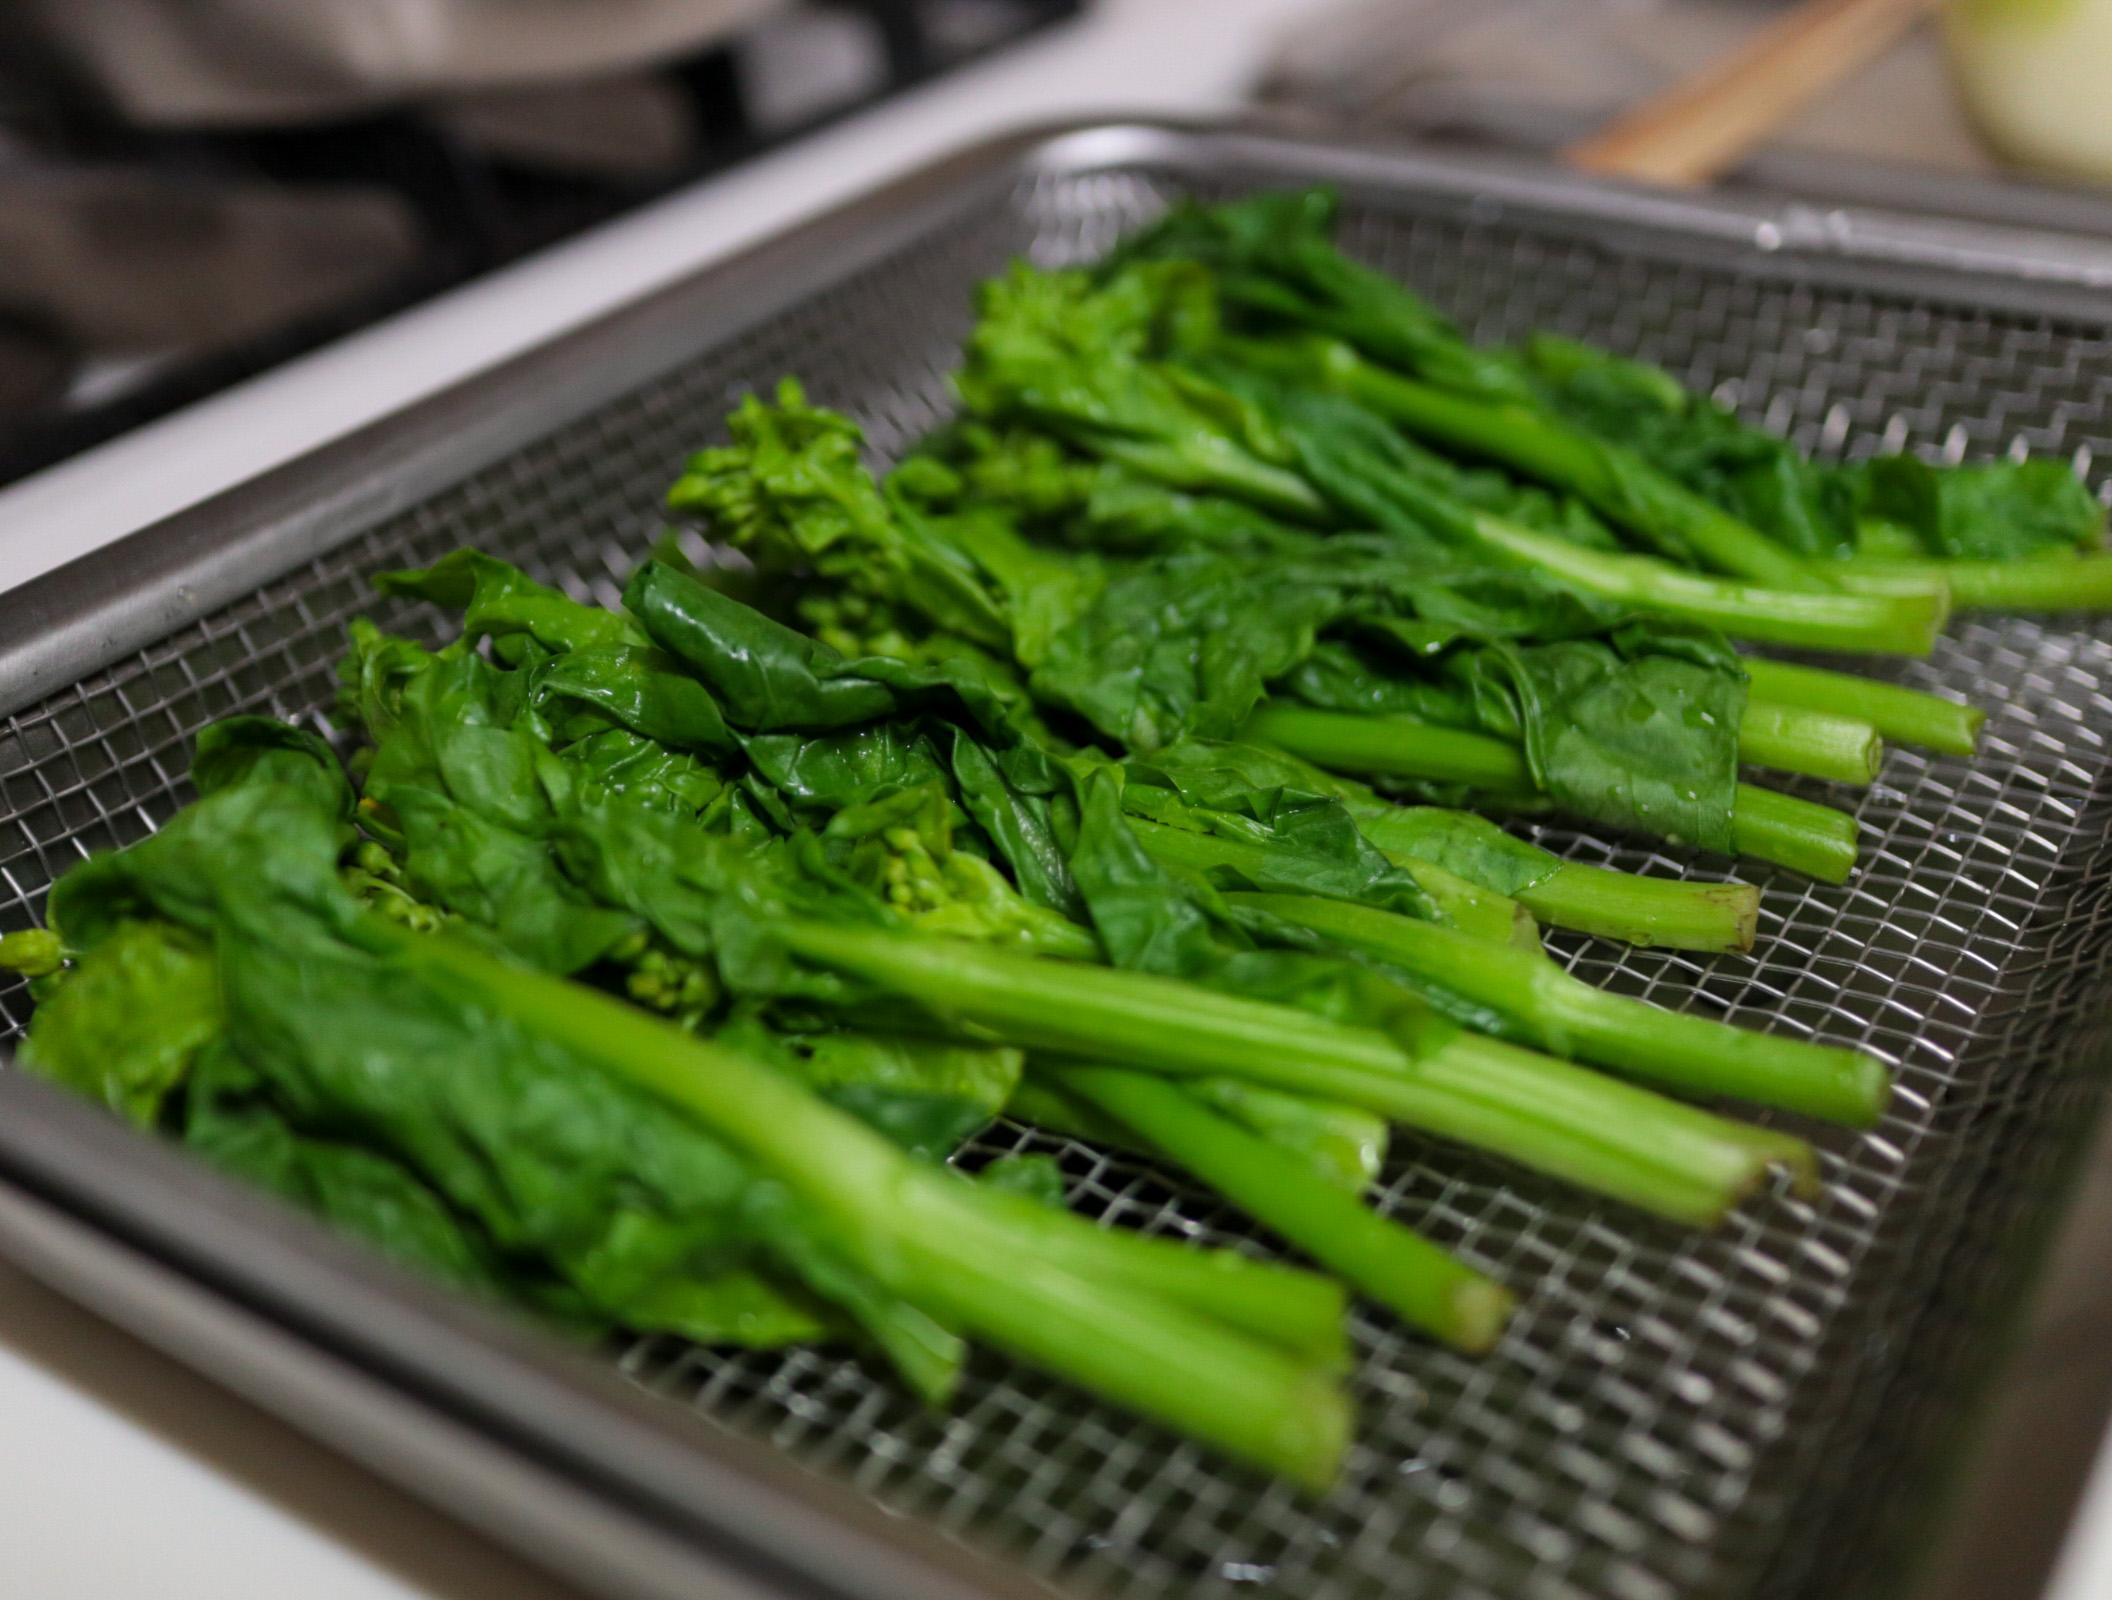 【シンプルな調理道具】ラバーゼの角バット3点セット、とても使いやすいです。